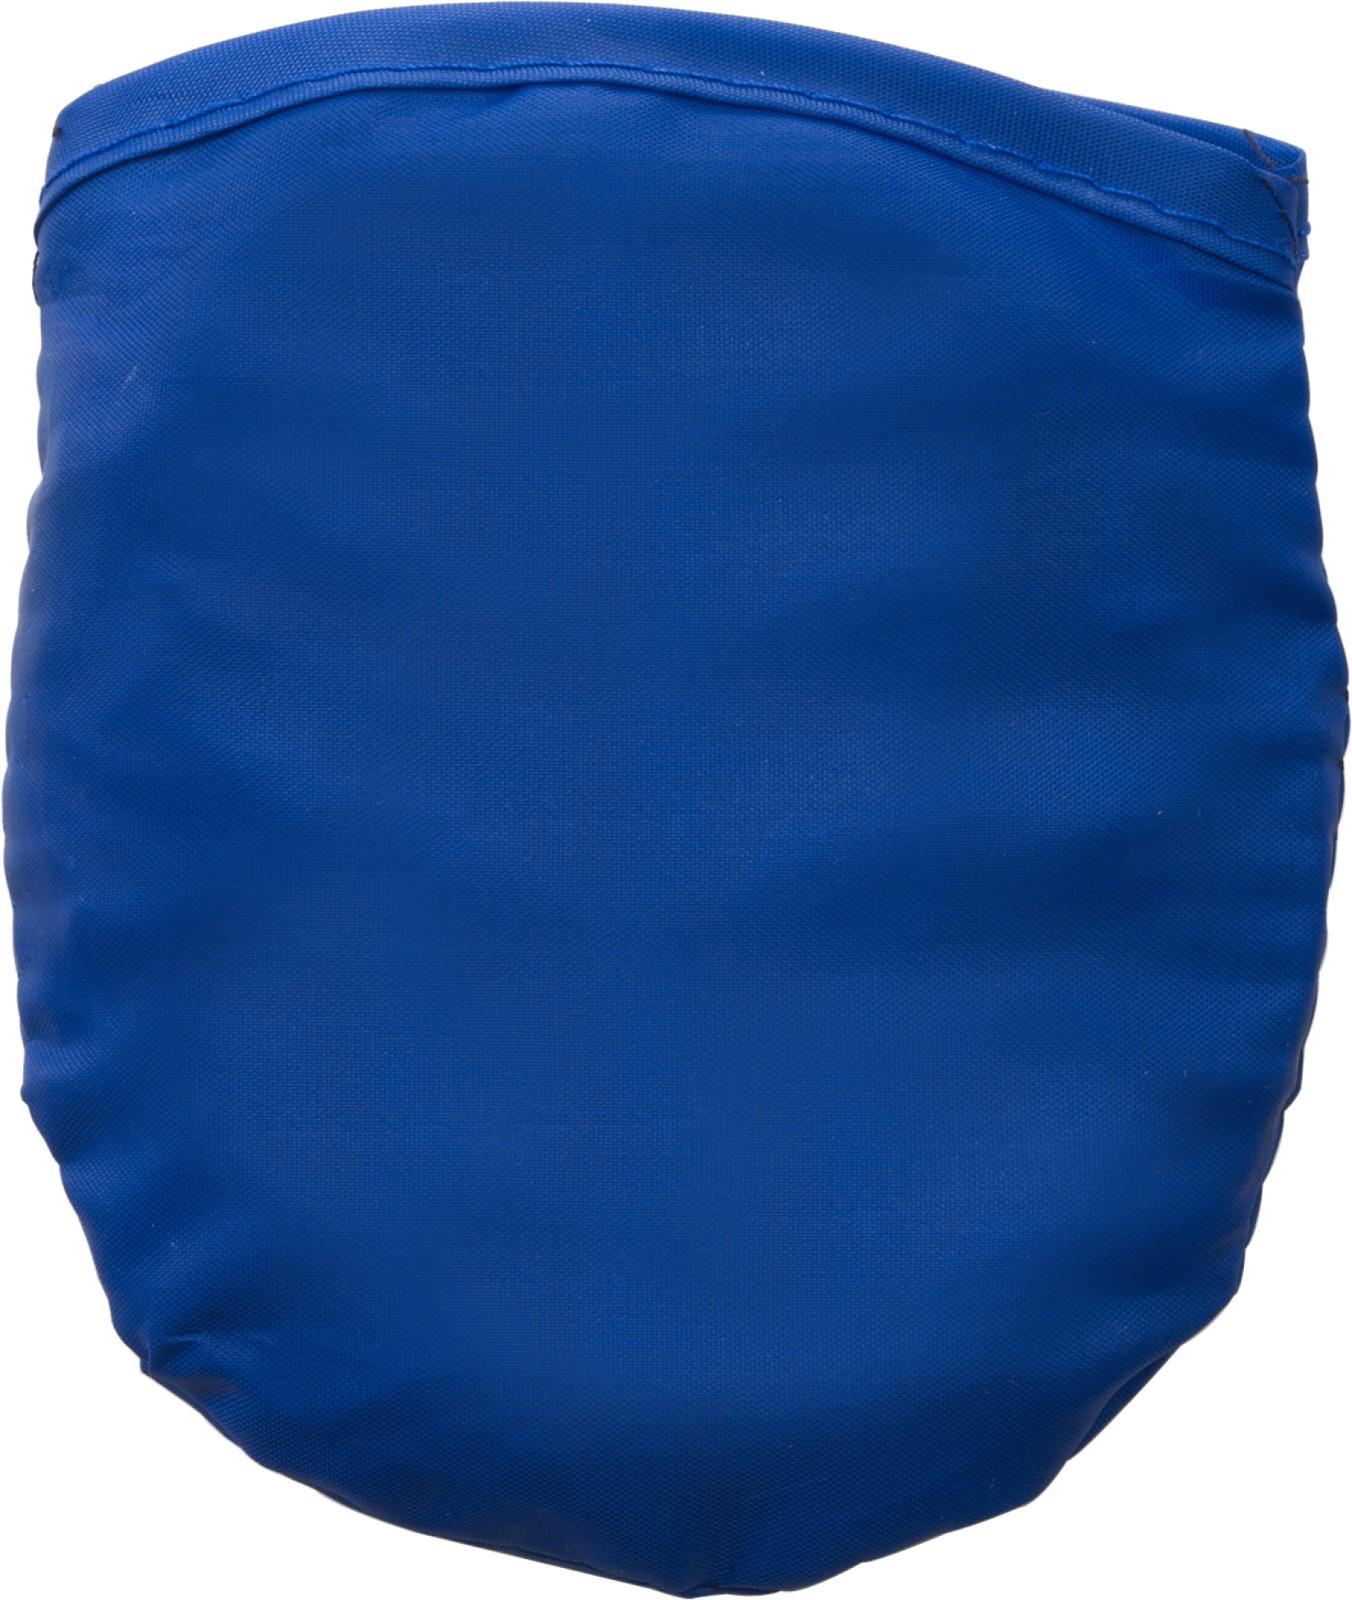 Foldable cap - Cobalt Blue